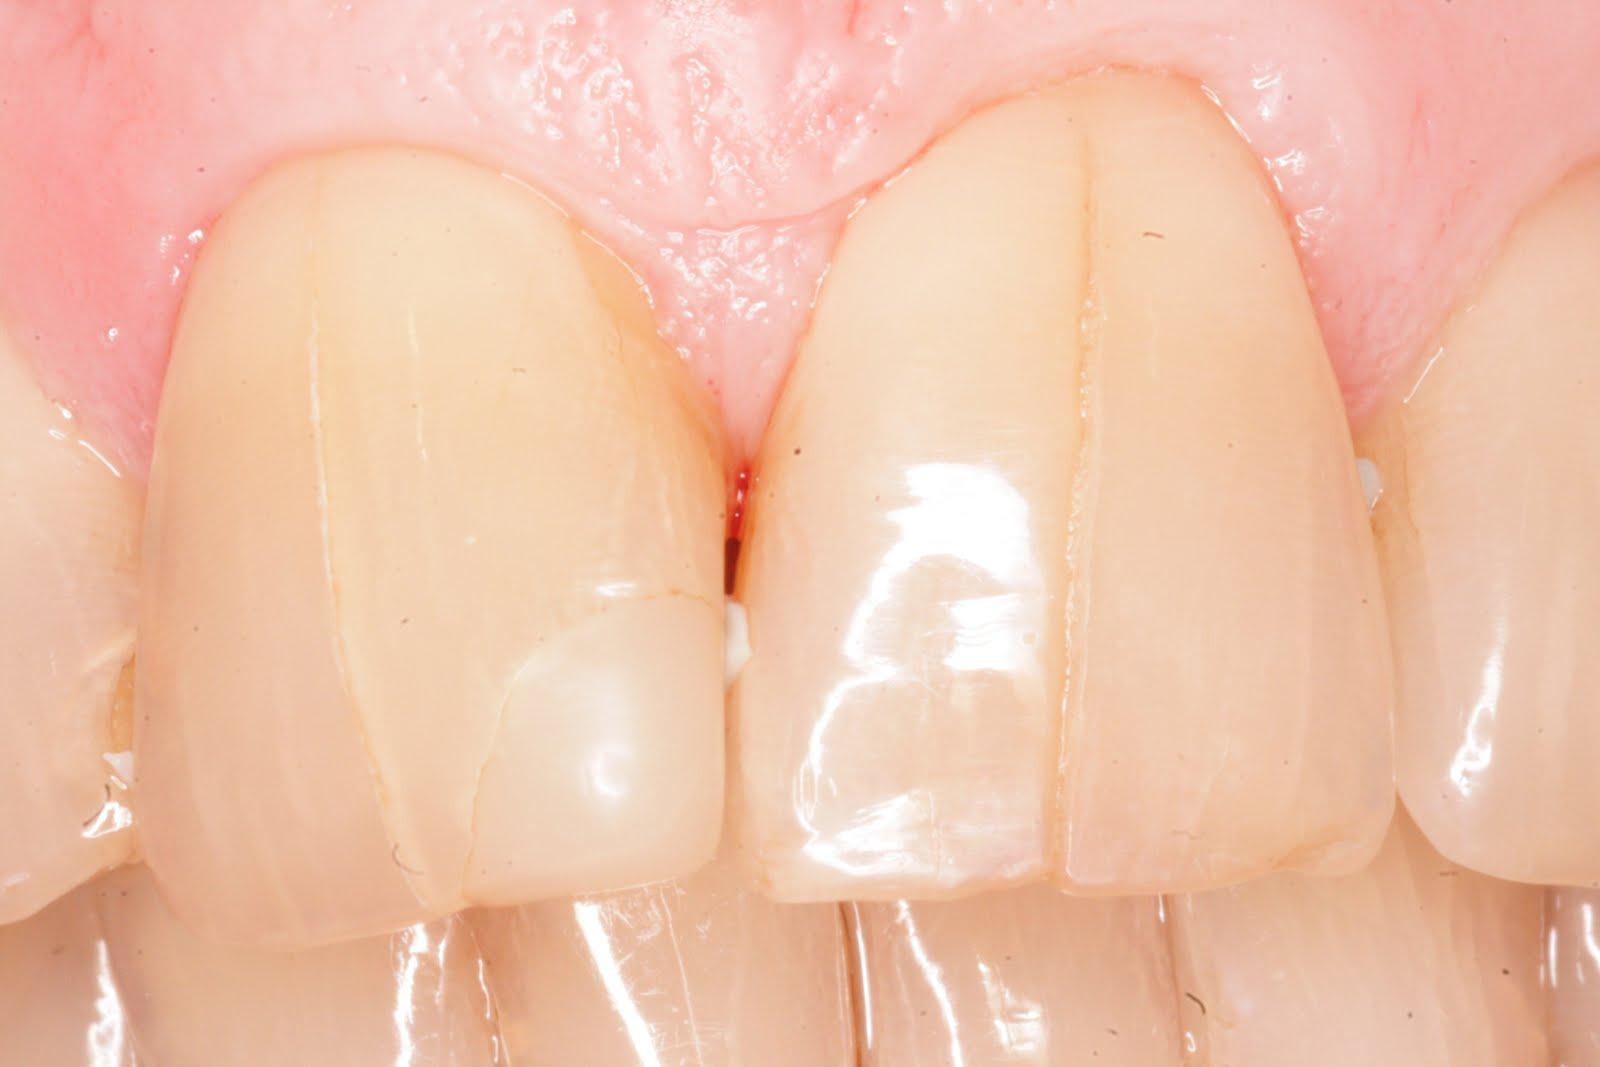 пользователь трещина в зубе картинки кроуфорд